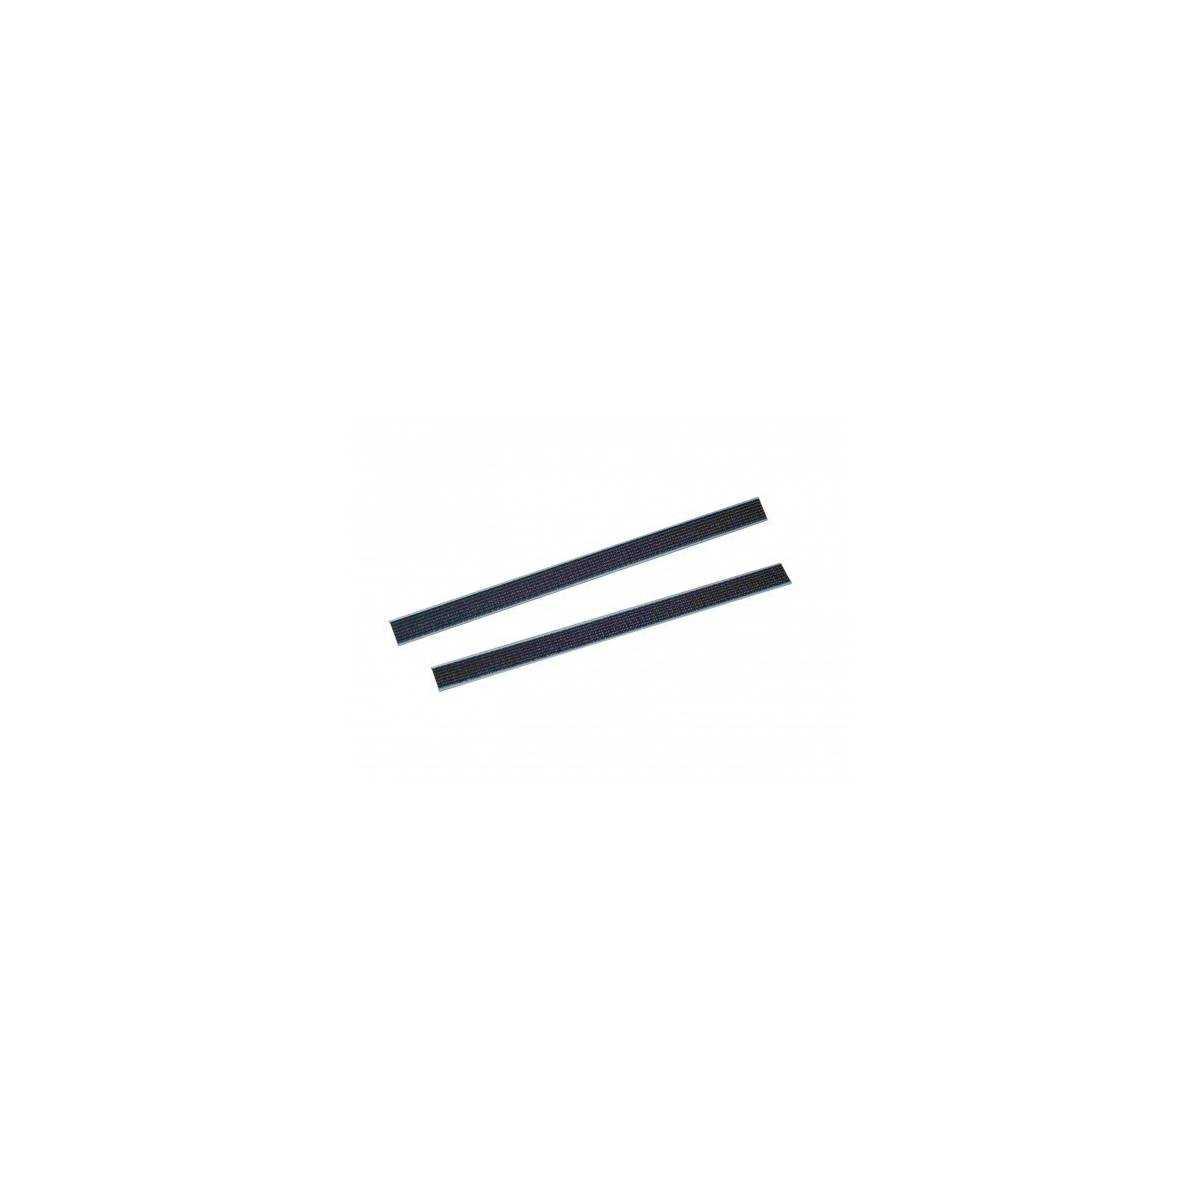 Планка-липучка длинная для основы Velcro 35,4см S030233 TTS